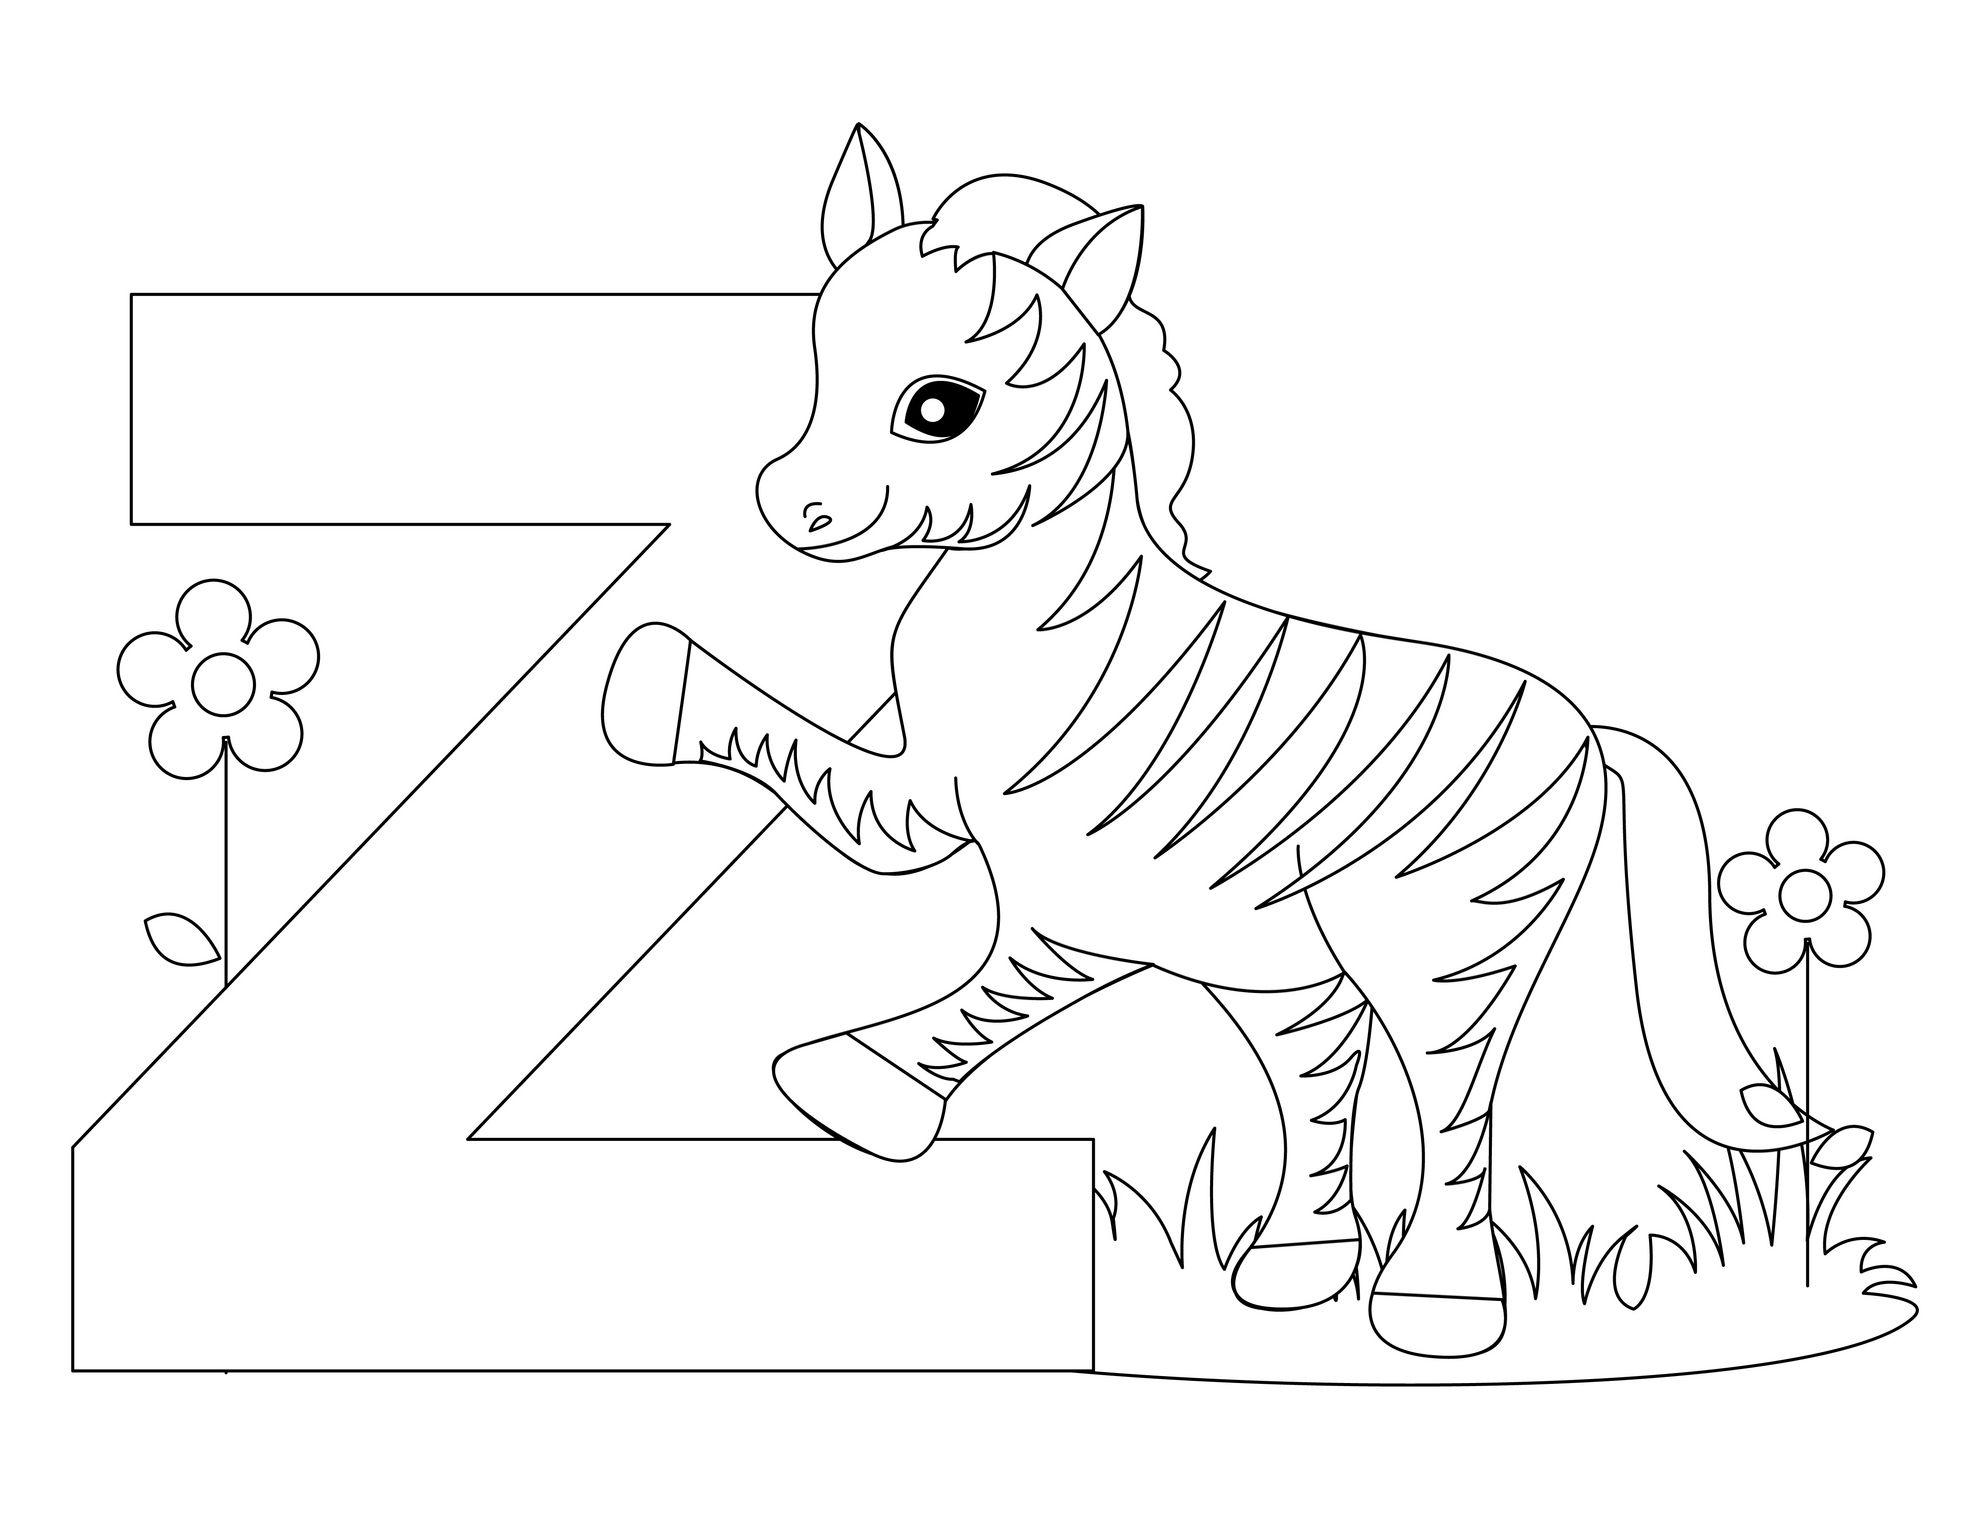 Animal Alphabet Letter Z For Zebra